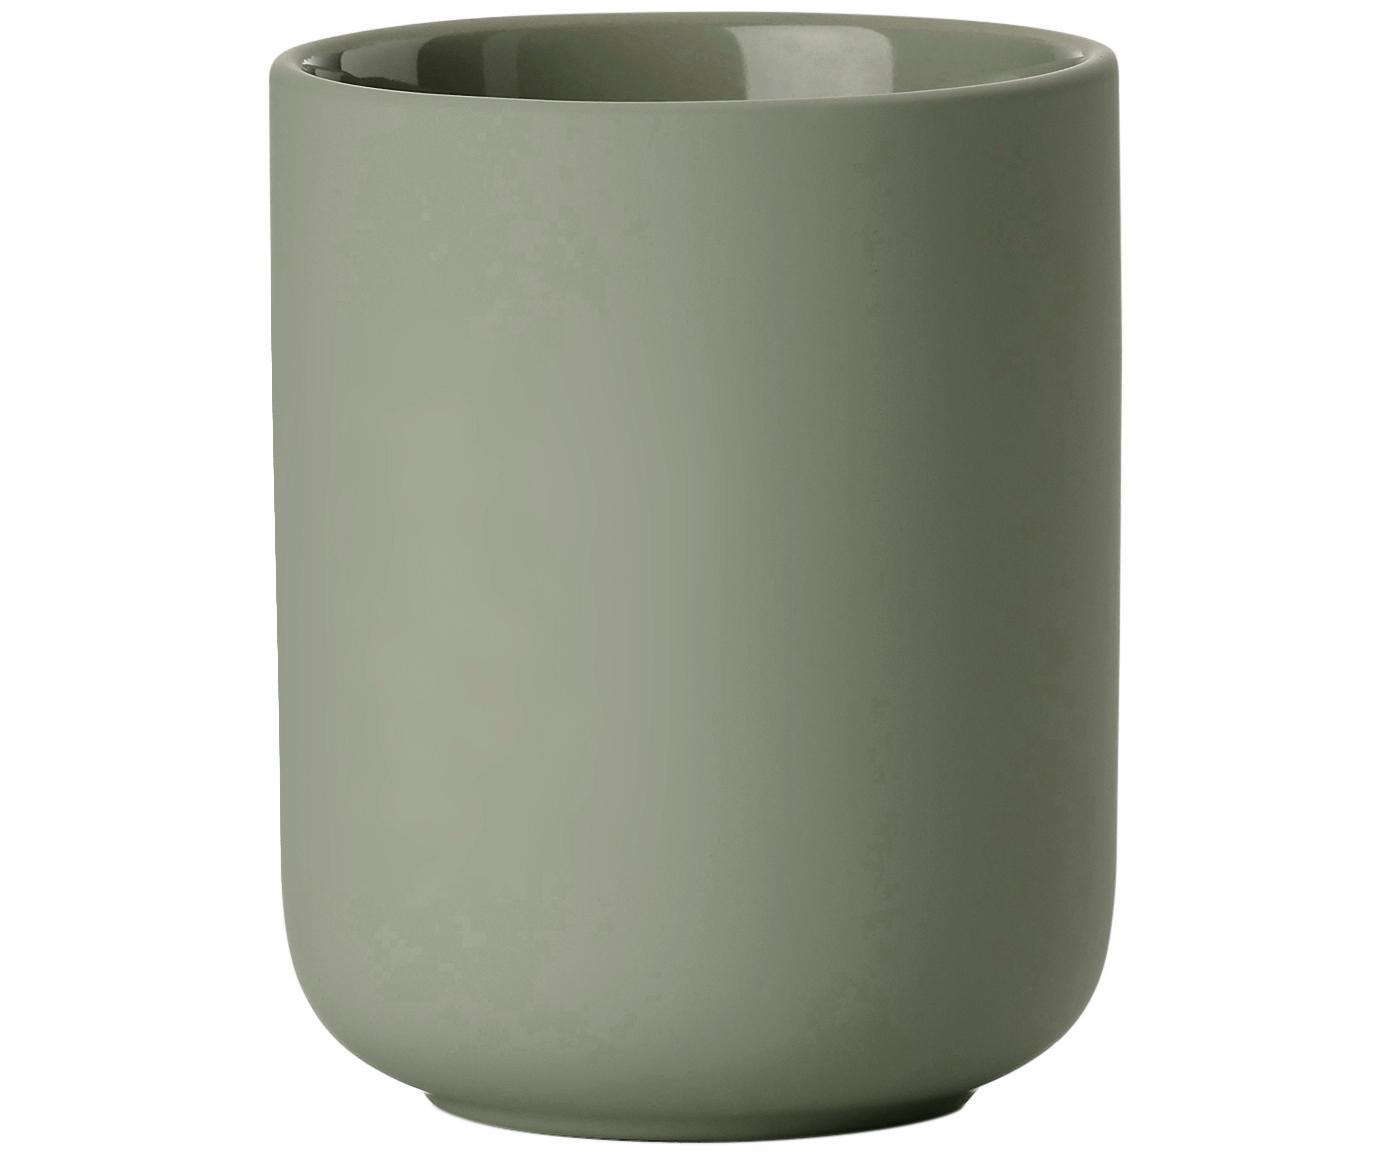 Porta spazzolini in terracotta Ume, Terracotta rivestita con superficie soft-touch (materiale sintetico), Verde eucalipto, Ø 8 x Alt. 10 cm